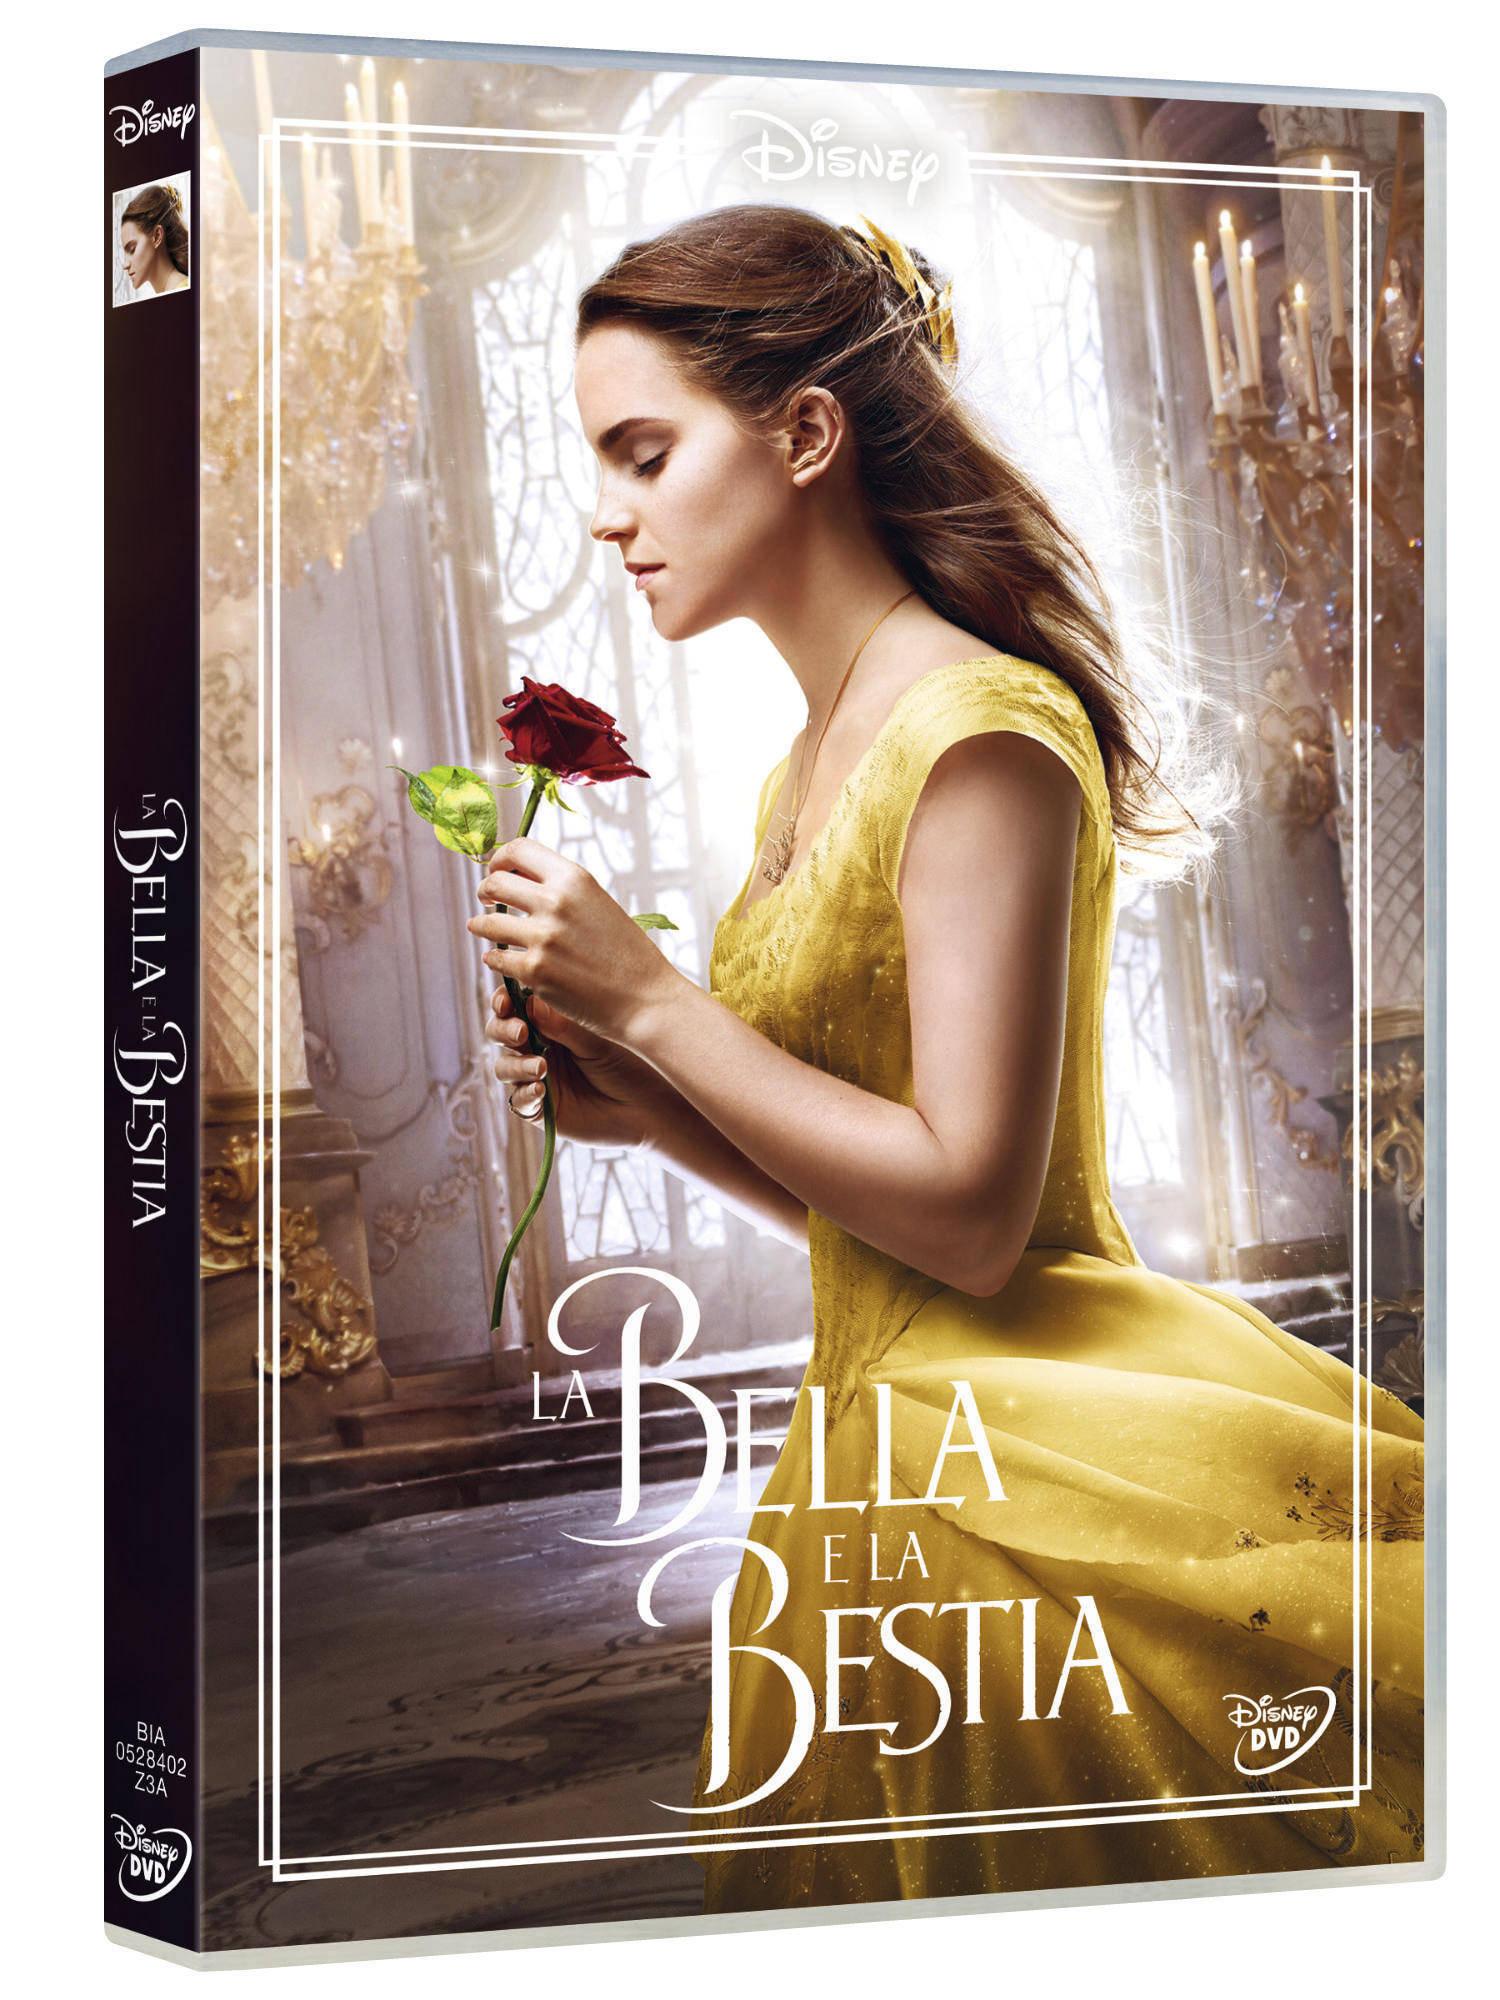 LA BELLA E LA BESTIA (LIVE ACTION) (DVD)